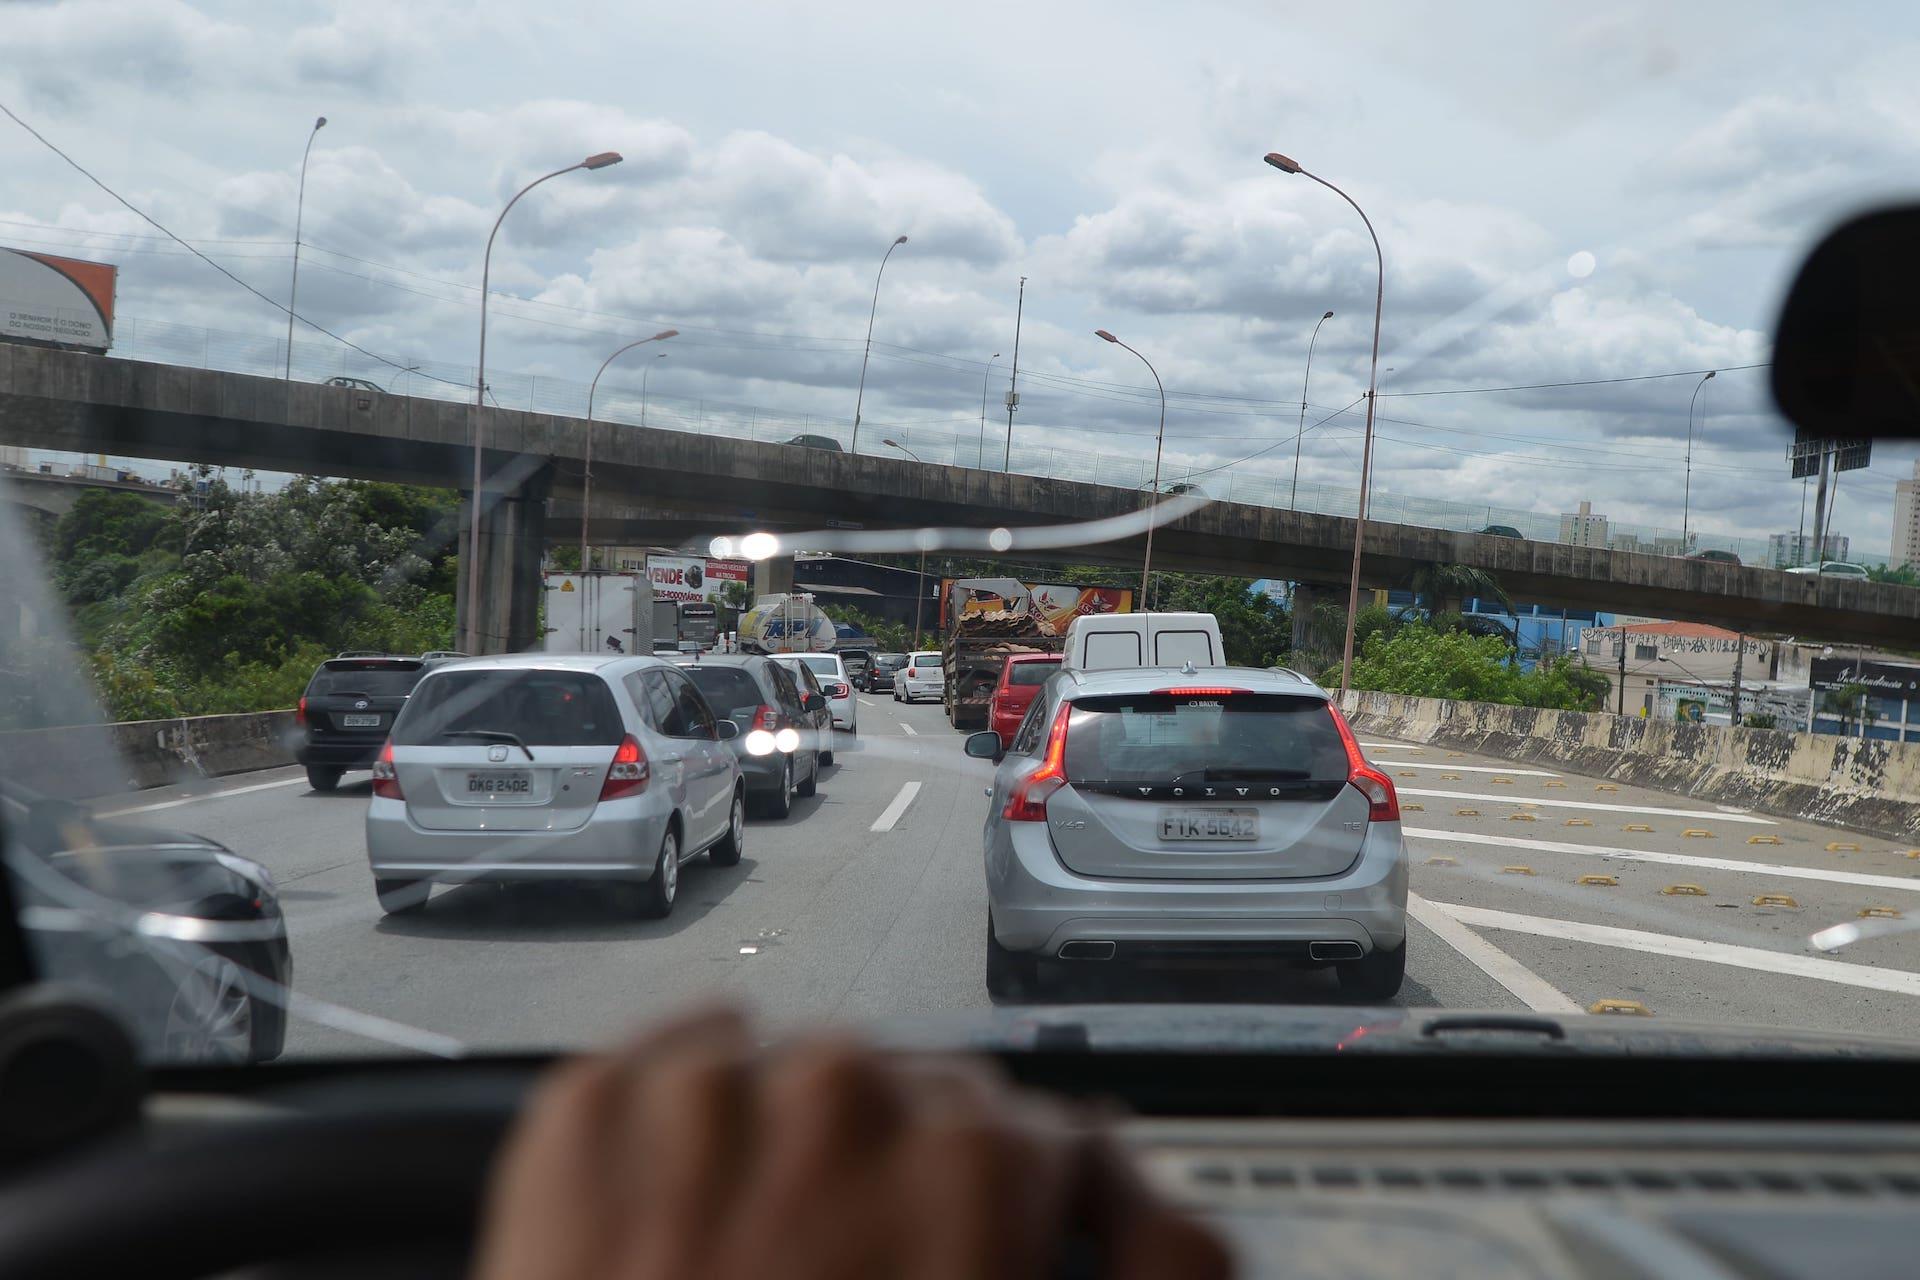 Jeep in Brazil